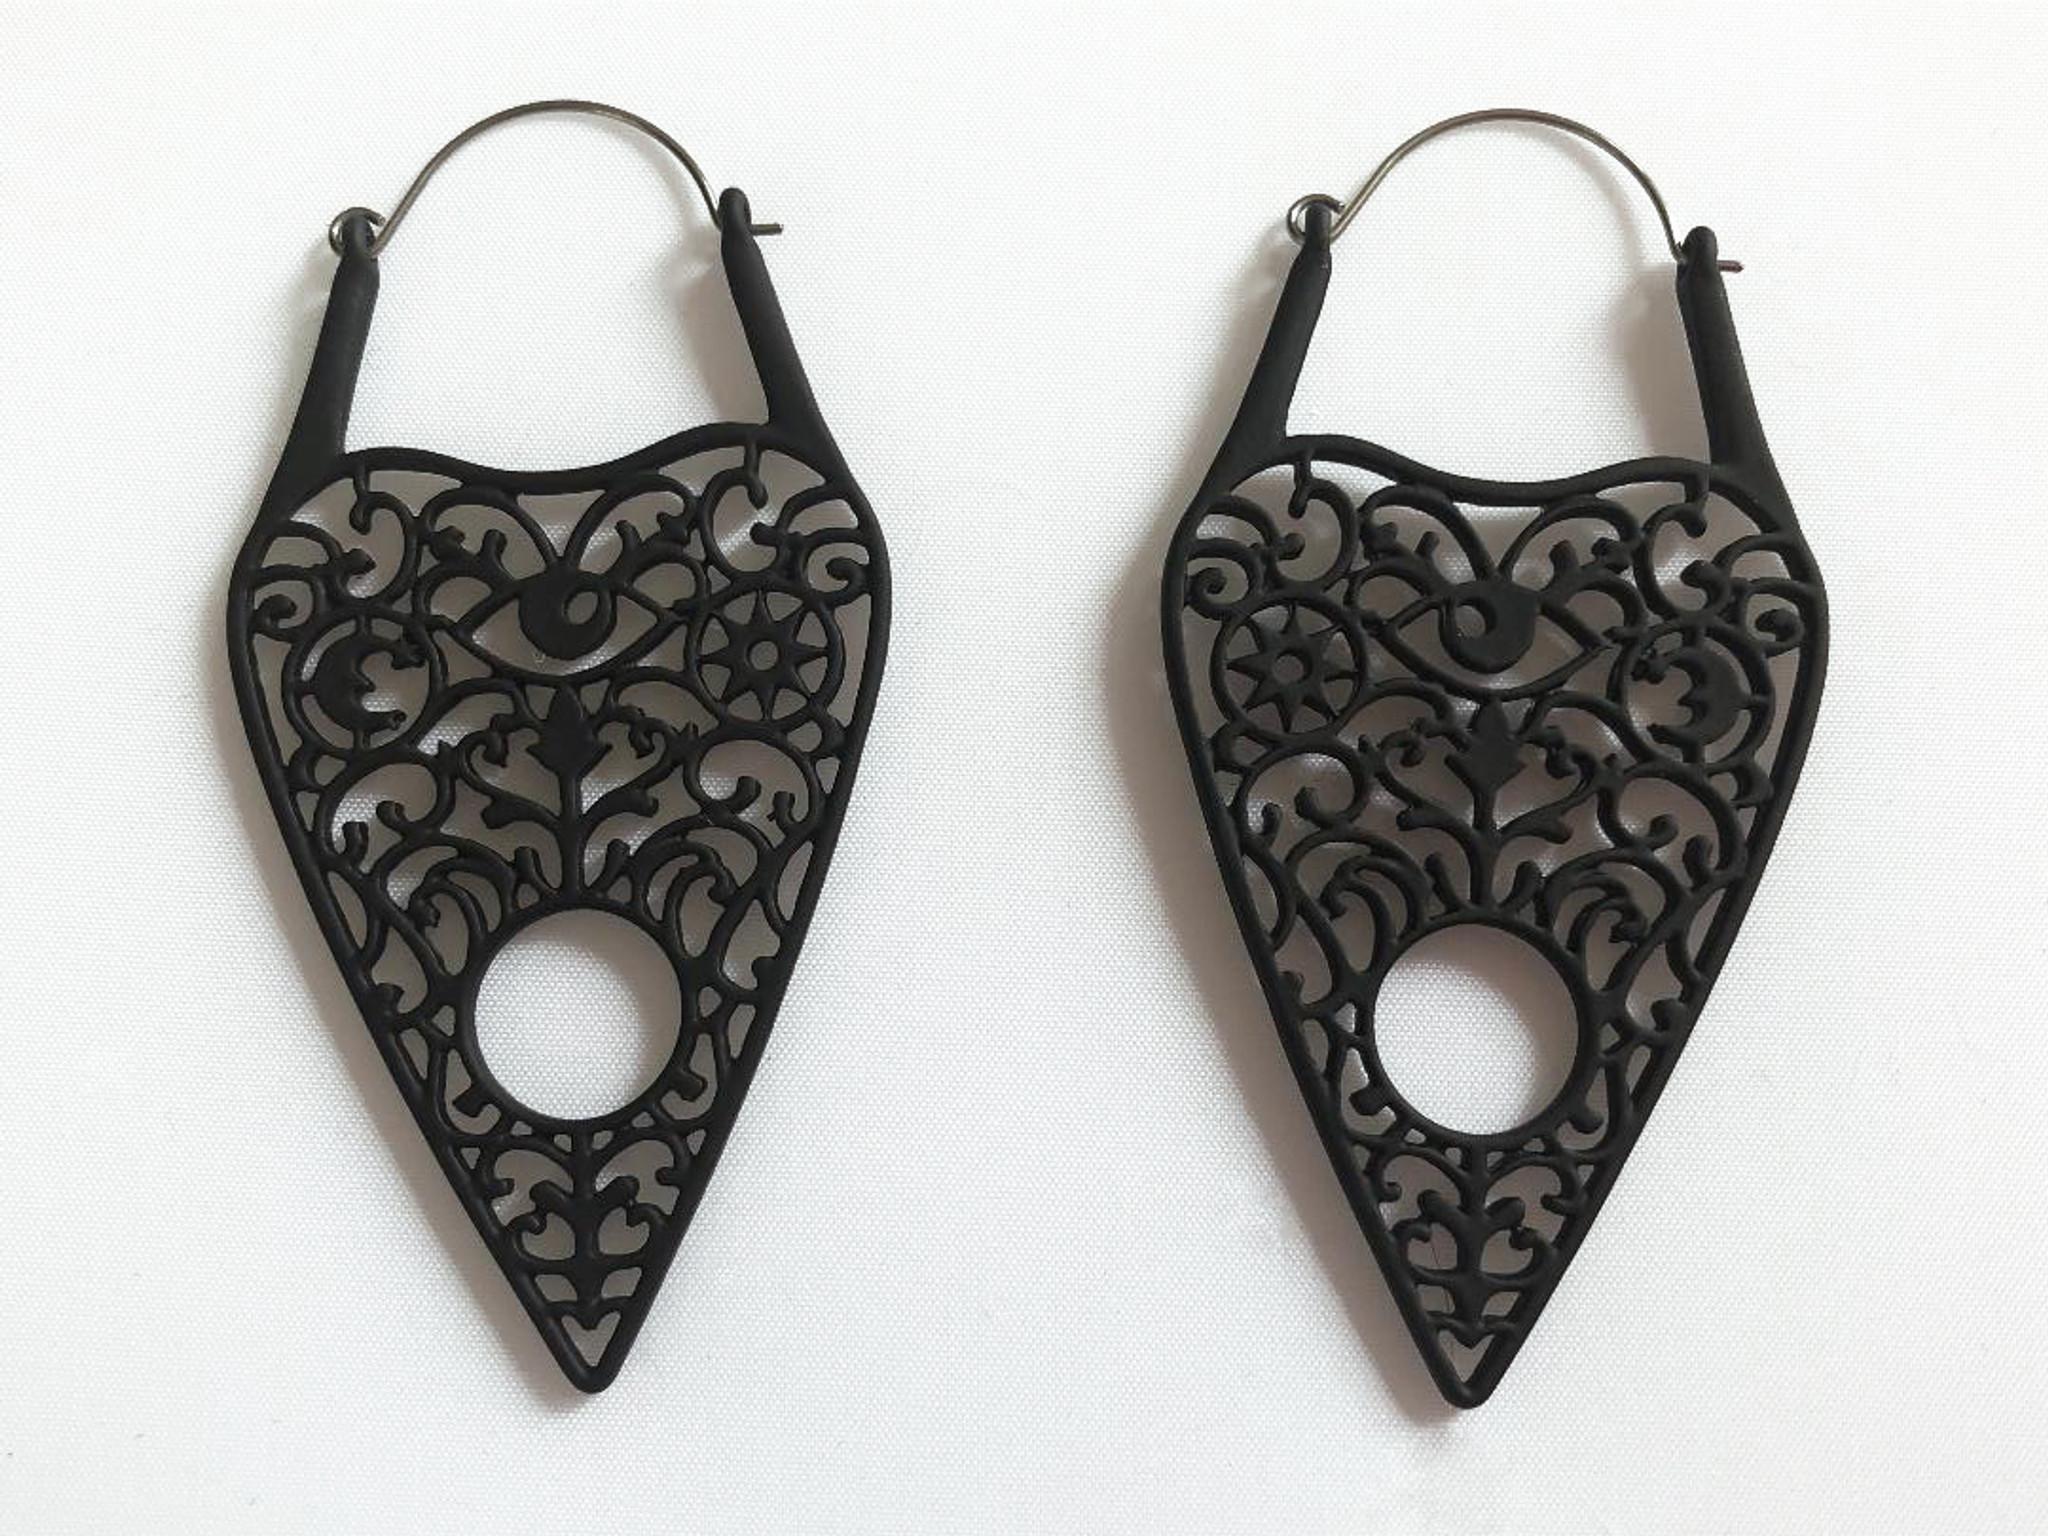 Planchet earrings - pug hoop